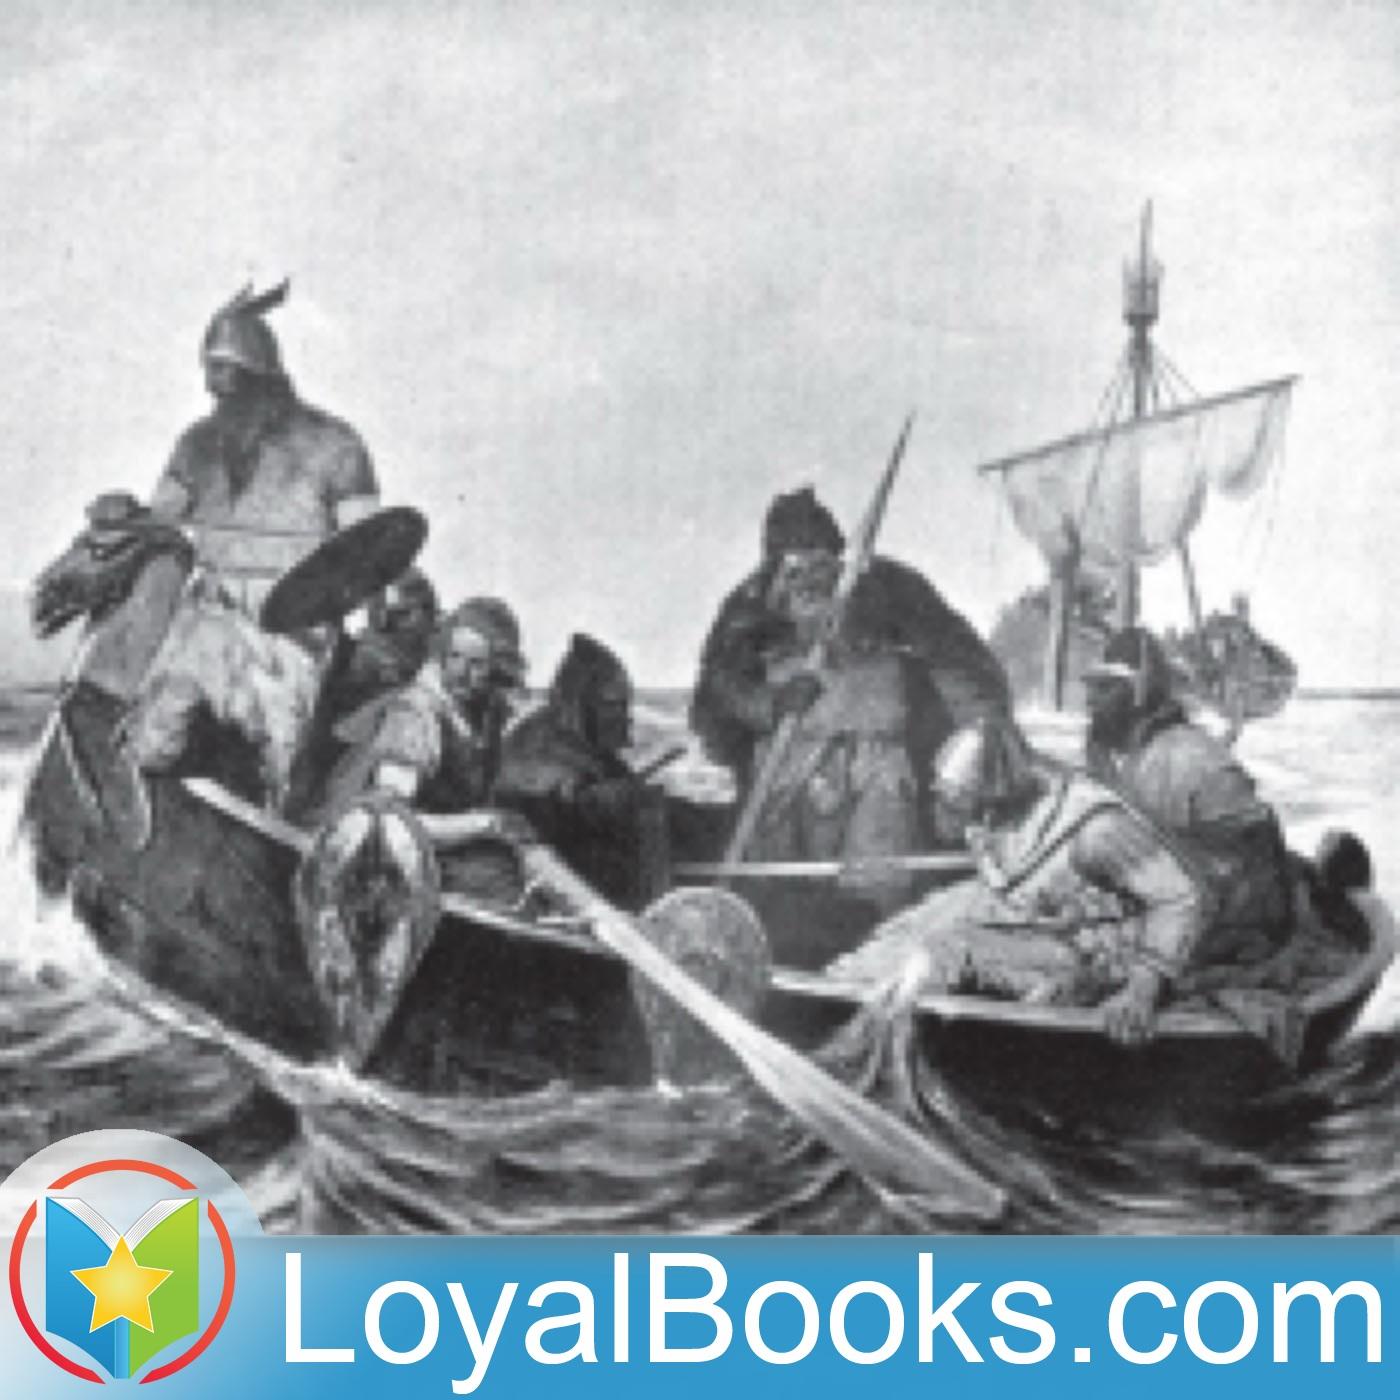 Viking Tales by Jennie Hall:Loyal Books